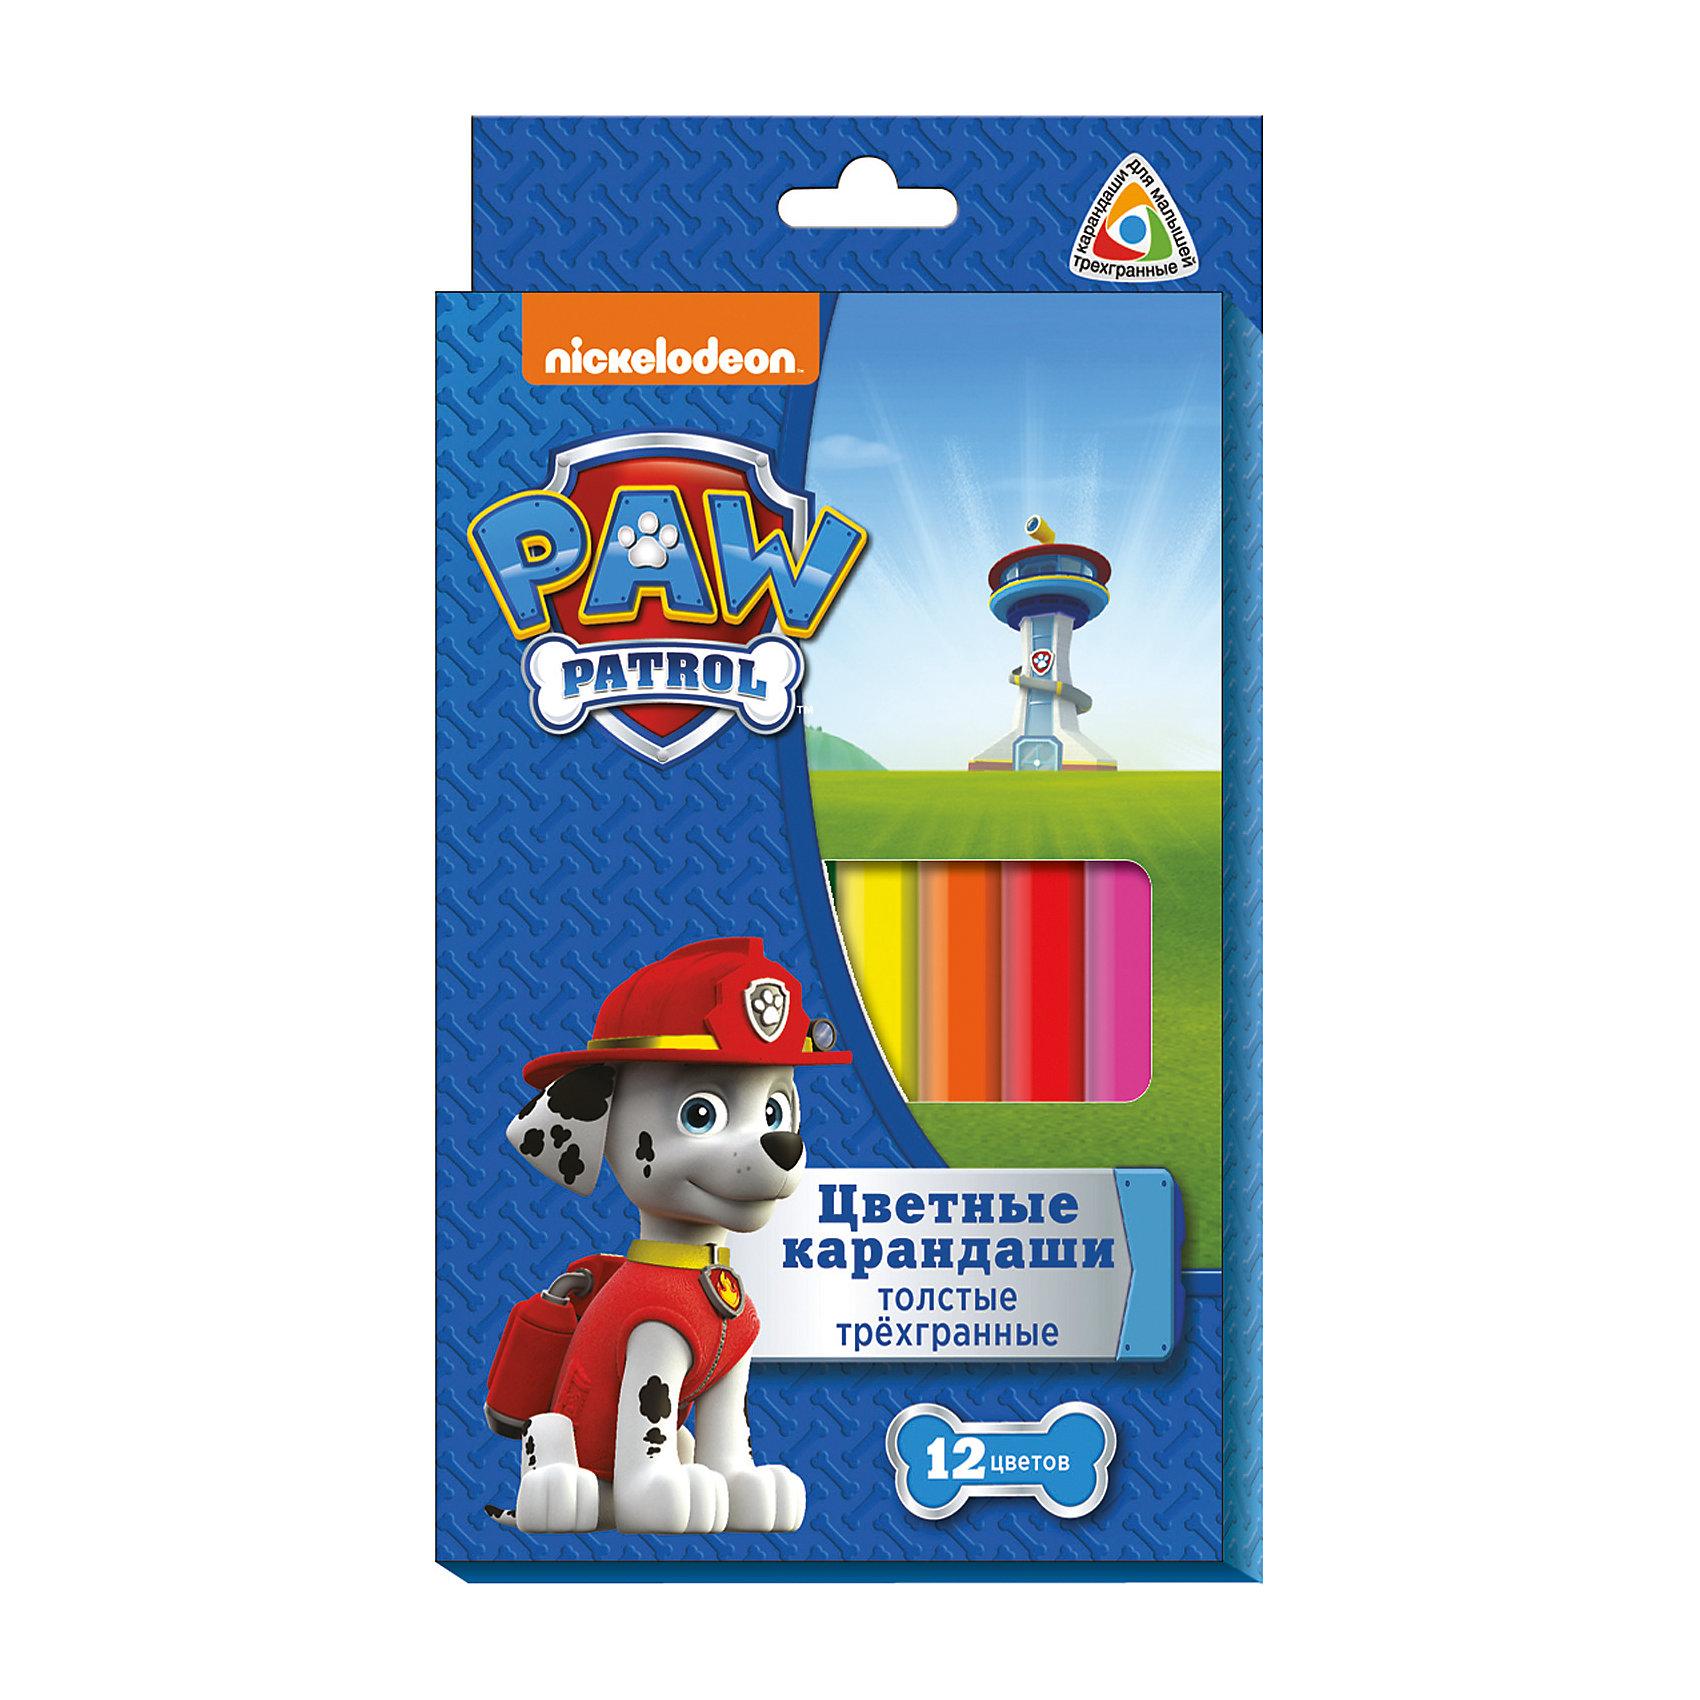 Трехгранные цветные карандаши Щенячий Патруль, 12 цв.Цветные карандаши - незаменимая вещь для художественного творчества дома, в школе или детском саду, а карандашами, упакованными в коробку с изображениями любимых героев, рисовать приятнее вдвойне! Эти трехгранные карандаши сделаны специально для юных художников: маленькие пальчики без труда располагаются на поверхности карандаша, не допуская соскальзывания. Яркие цвета, прочный грифель и корпус из высококачественной древесины делают карандаши Щенячий Патруль идеальными для воплощения всех самых смелых художественных фантазий!<br><br>Дополнительная информация:<br><br>- Состав: древесина, цветной грифель.<br>- Размер упаковки: 18х1,3х1 см. <br>- Длина карандаша: 17,5 см.<br>- Толщина карандаша: 1 см. <br>- Толщина грифеля: 0,4 см. <br>- 12 цветов.<br>- Прочный грифель не крошится при падении и не ломается при заточке. <br><br>Трехгранные цветные карандаши Щенячий Патруль (PAW Patrol), 12 цв., можно купить в нашем магазине.<br><br>Ширина мм: 180<br>Глубина мм: 113<br>Высота мм: 10<br>Вес г: 146<br>Возраст от месяцев: 36<br>Возраст до месяцев: 2147483647<br>Пол: Унисекс<br>Возраст: Детский<br>SKU: 4898540